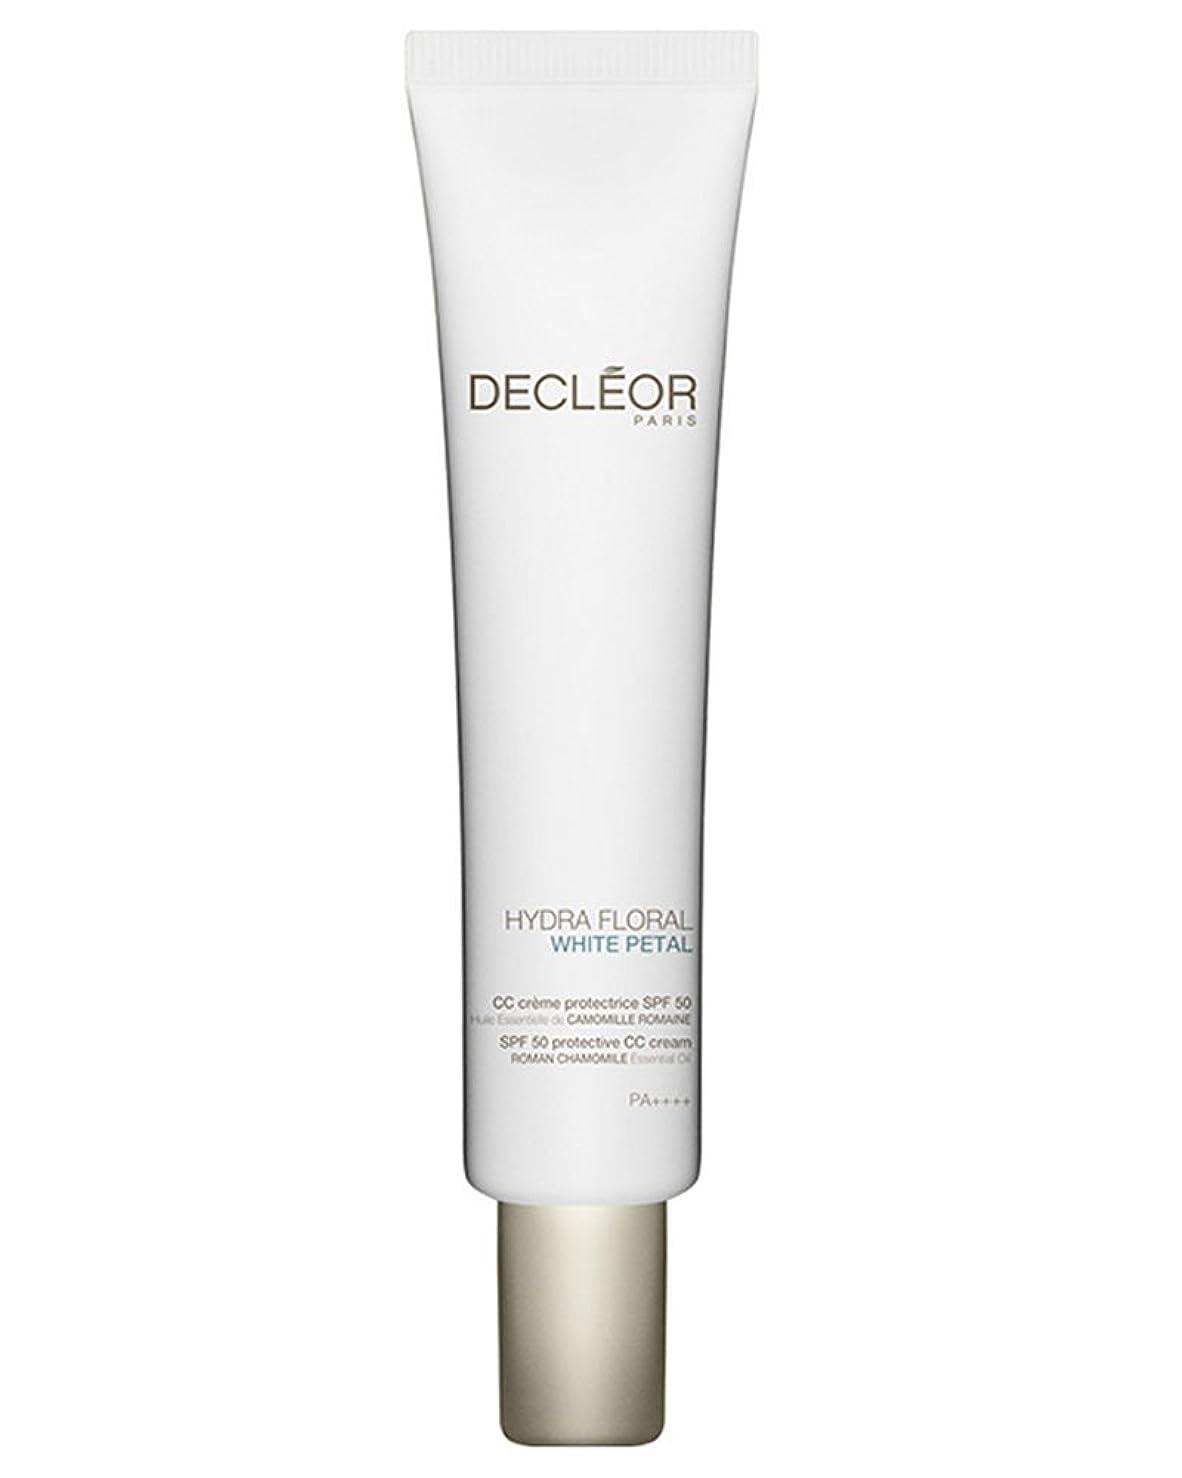 スライム詳細に刺繍デクレオール Hydra Floral White Petal Roman Chamomile Protective CC Cream SPF50 40ml/1.3oz並行輸入品